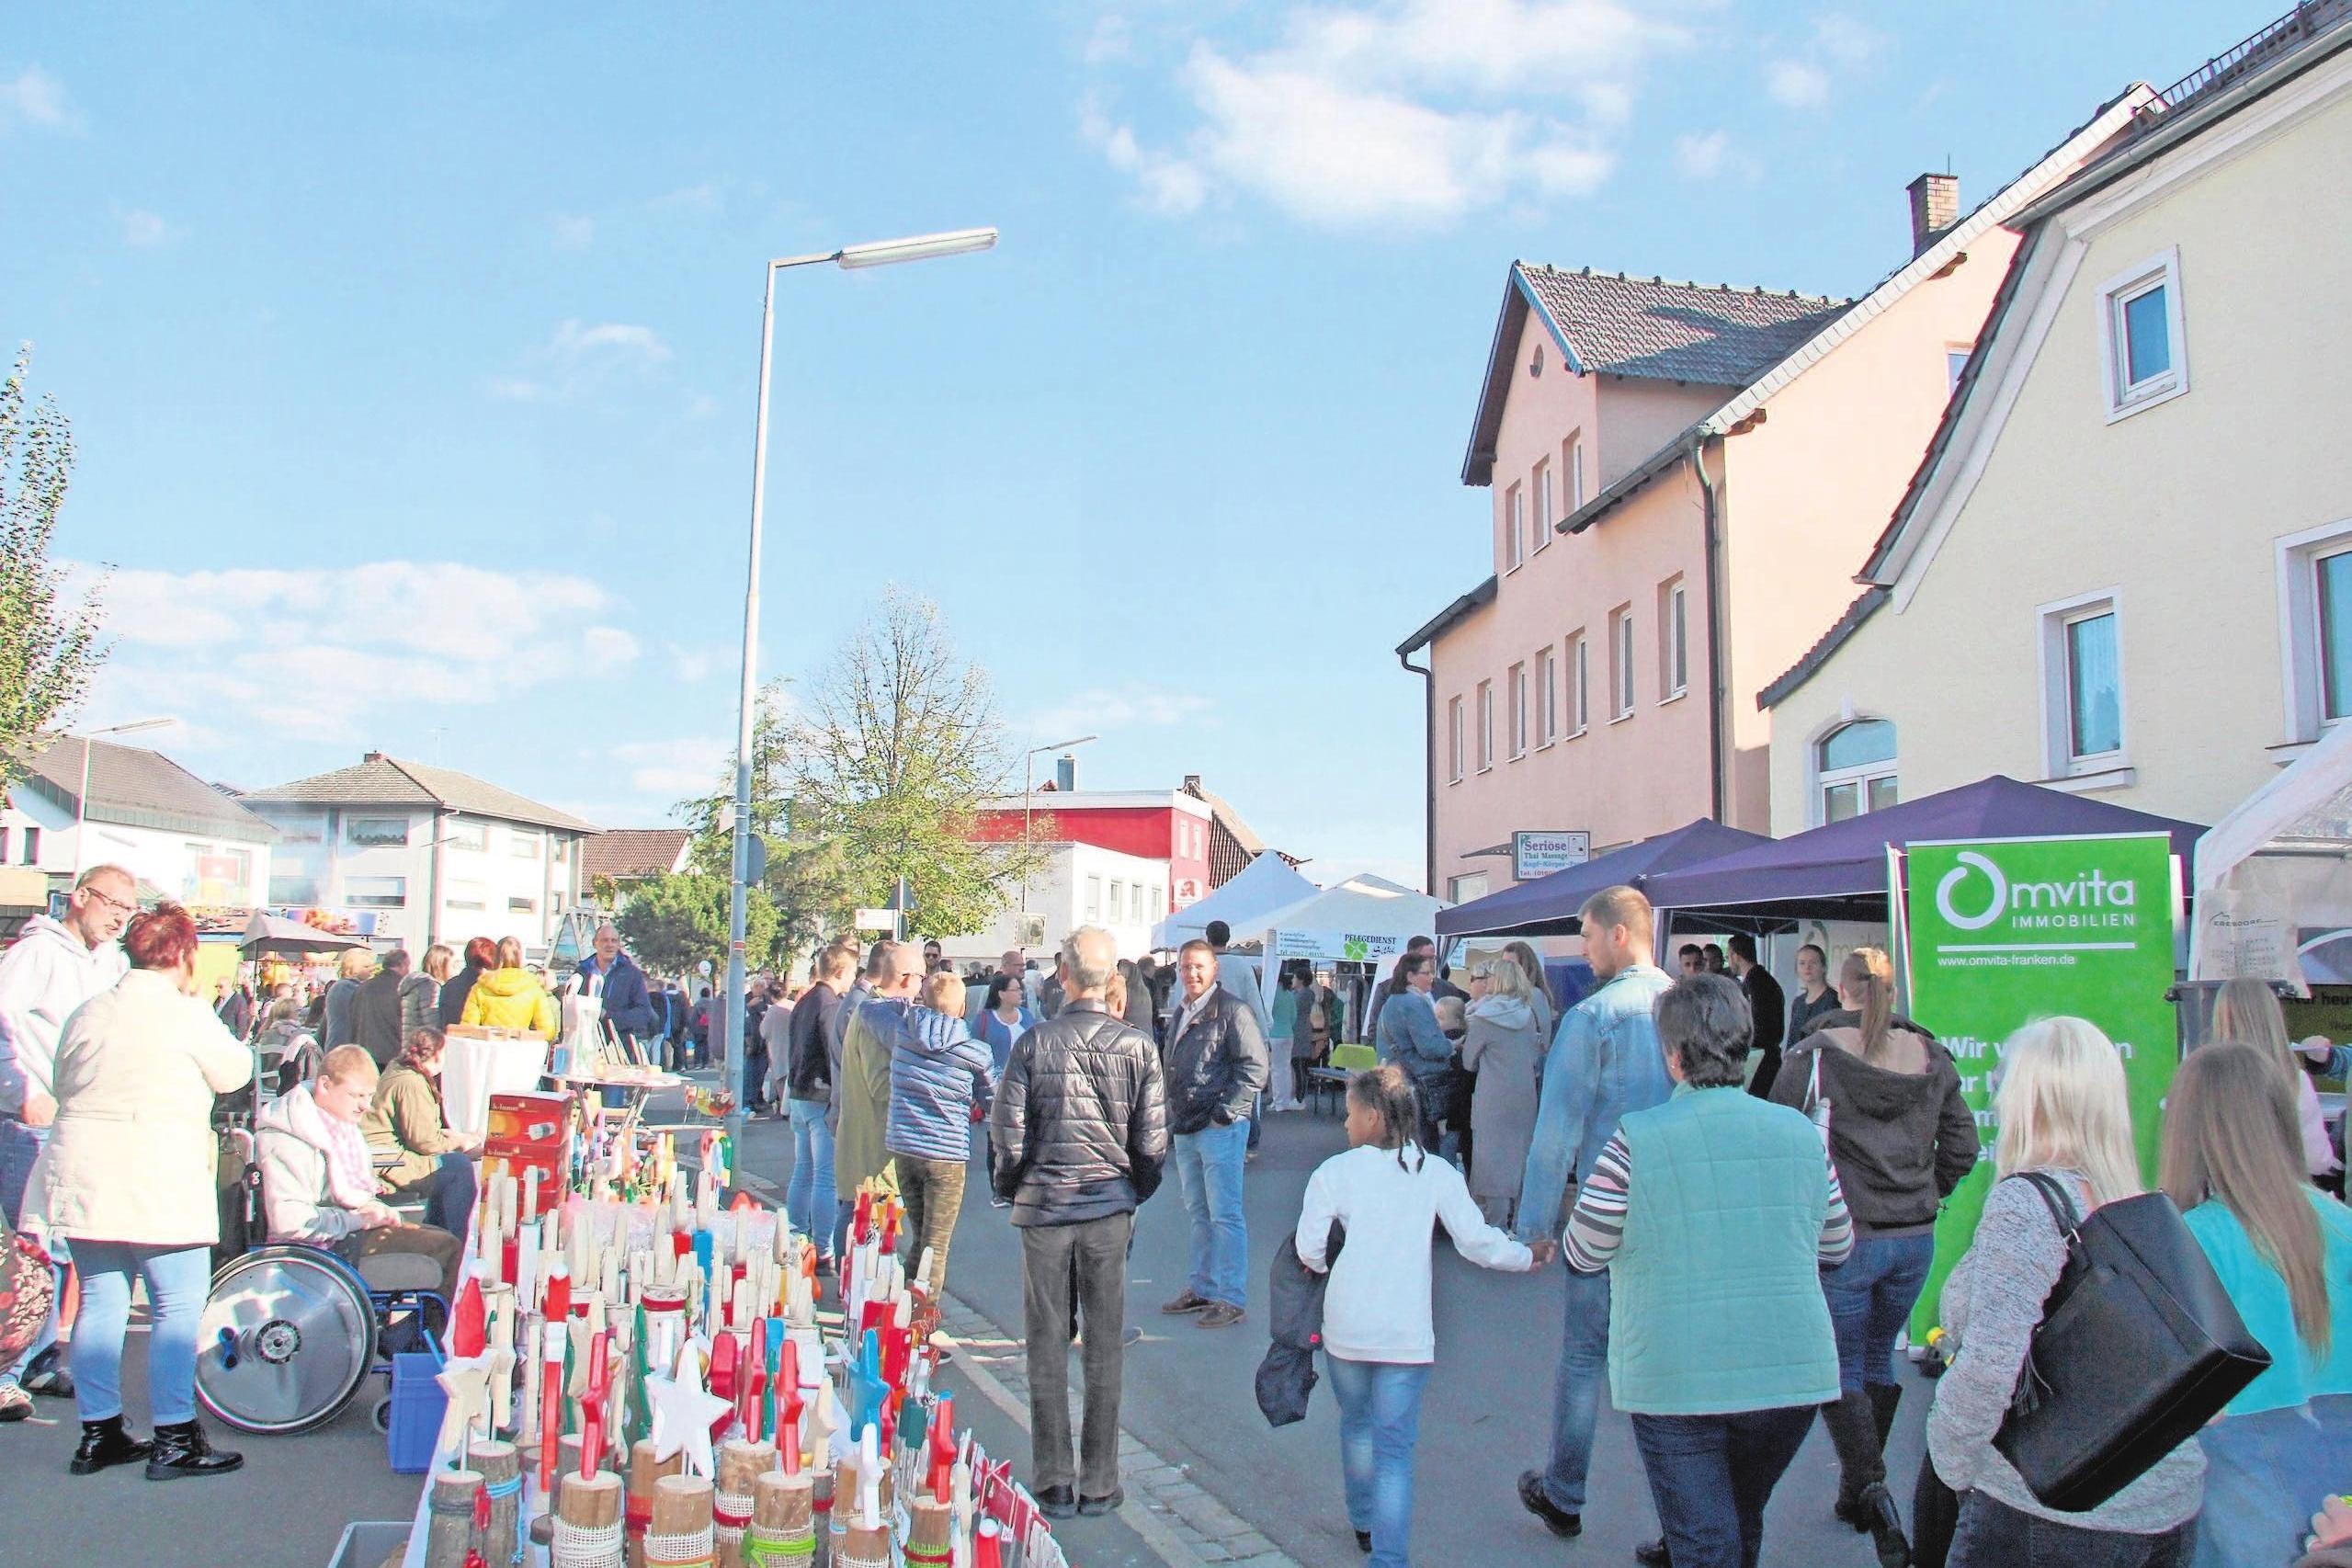 Reges Markttreiben: Auch Vereine, wie der Obst- und Gartenbauverein Ebersdorf-Frohnlach, sind vertreten. Fotos: kat